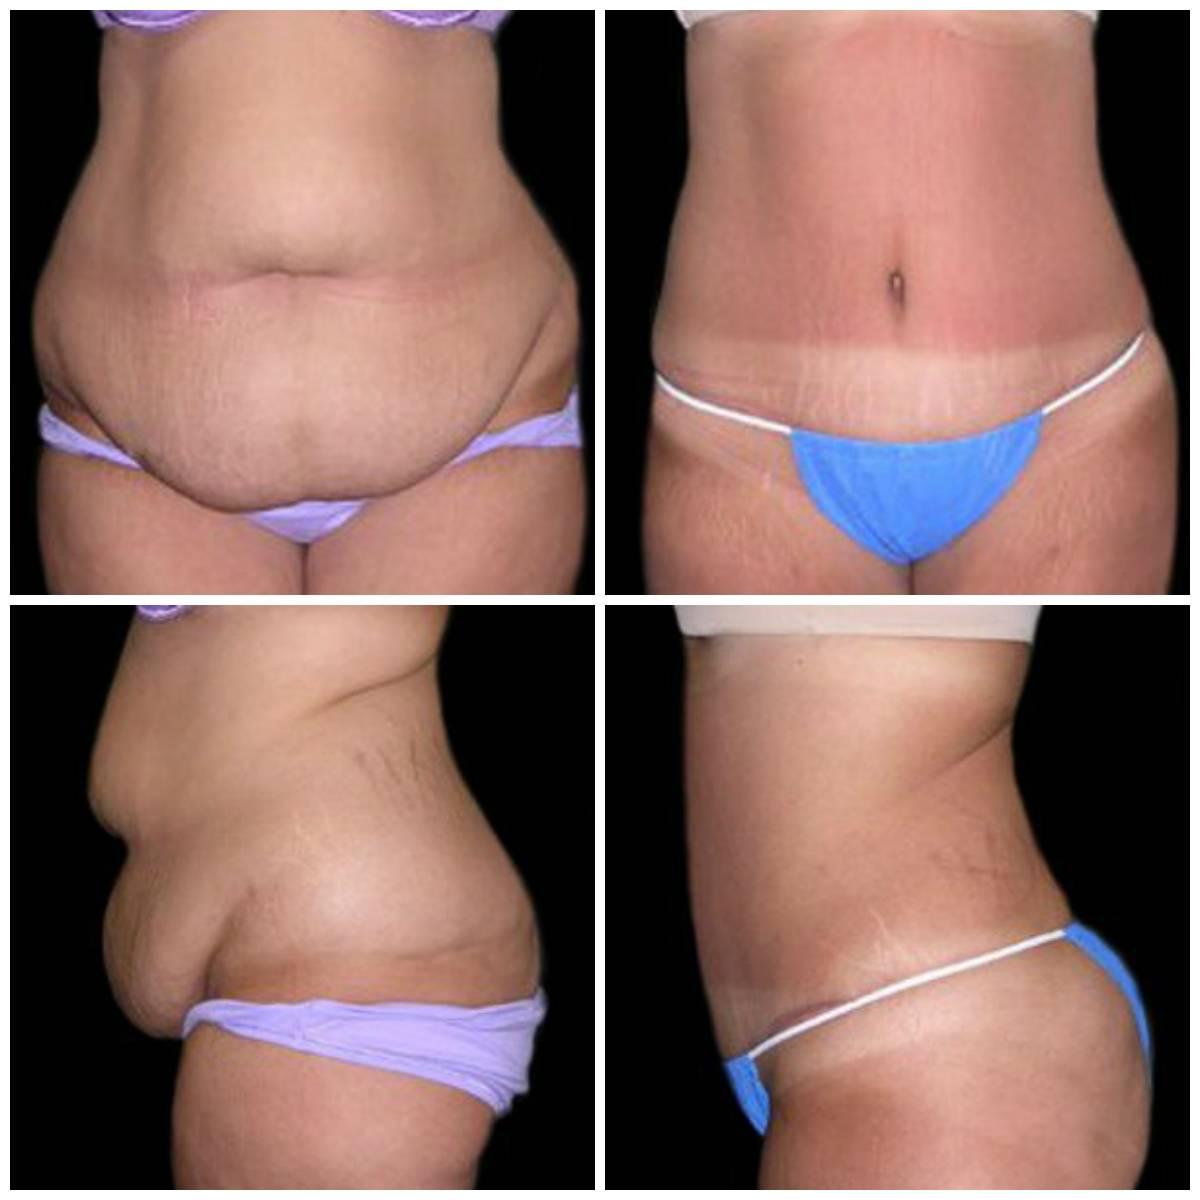 Уколы для похудения липолитики. можно ли похудеть с помощью липолитиков (липотерапии)?